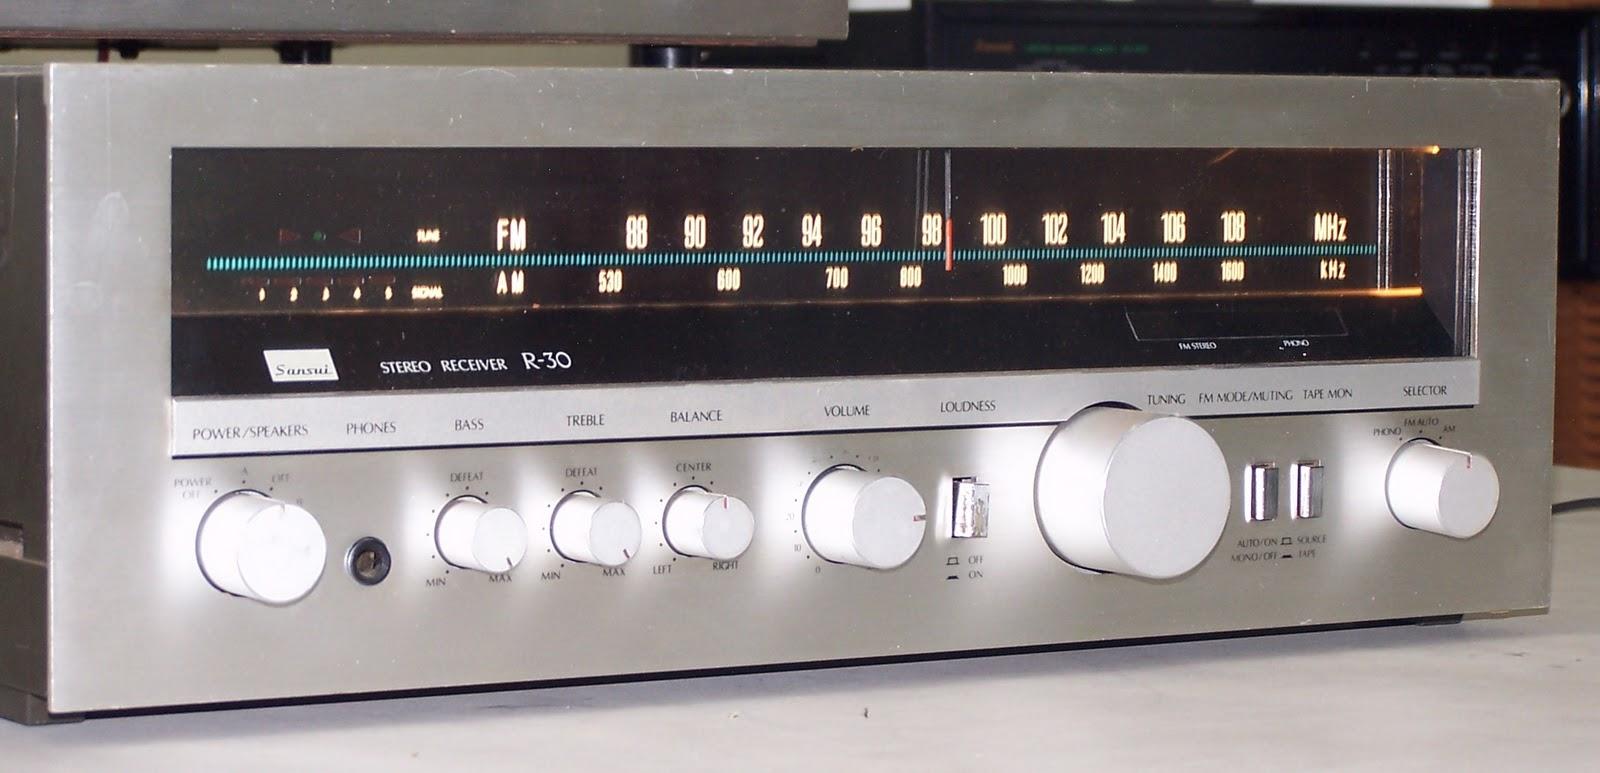 Sansui R 30 Receiver Amplifier | Vintage Audio